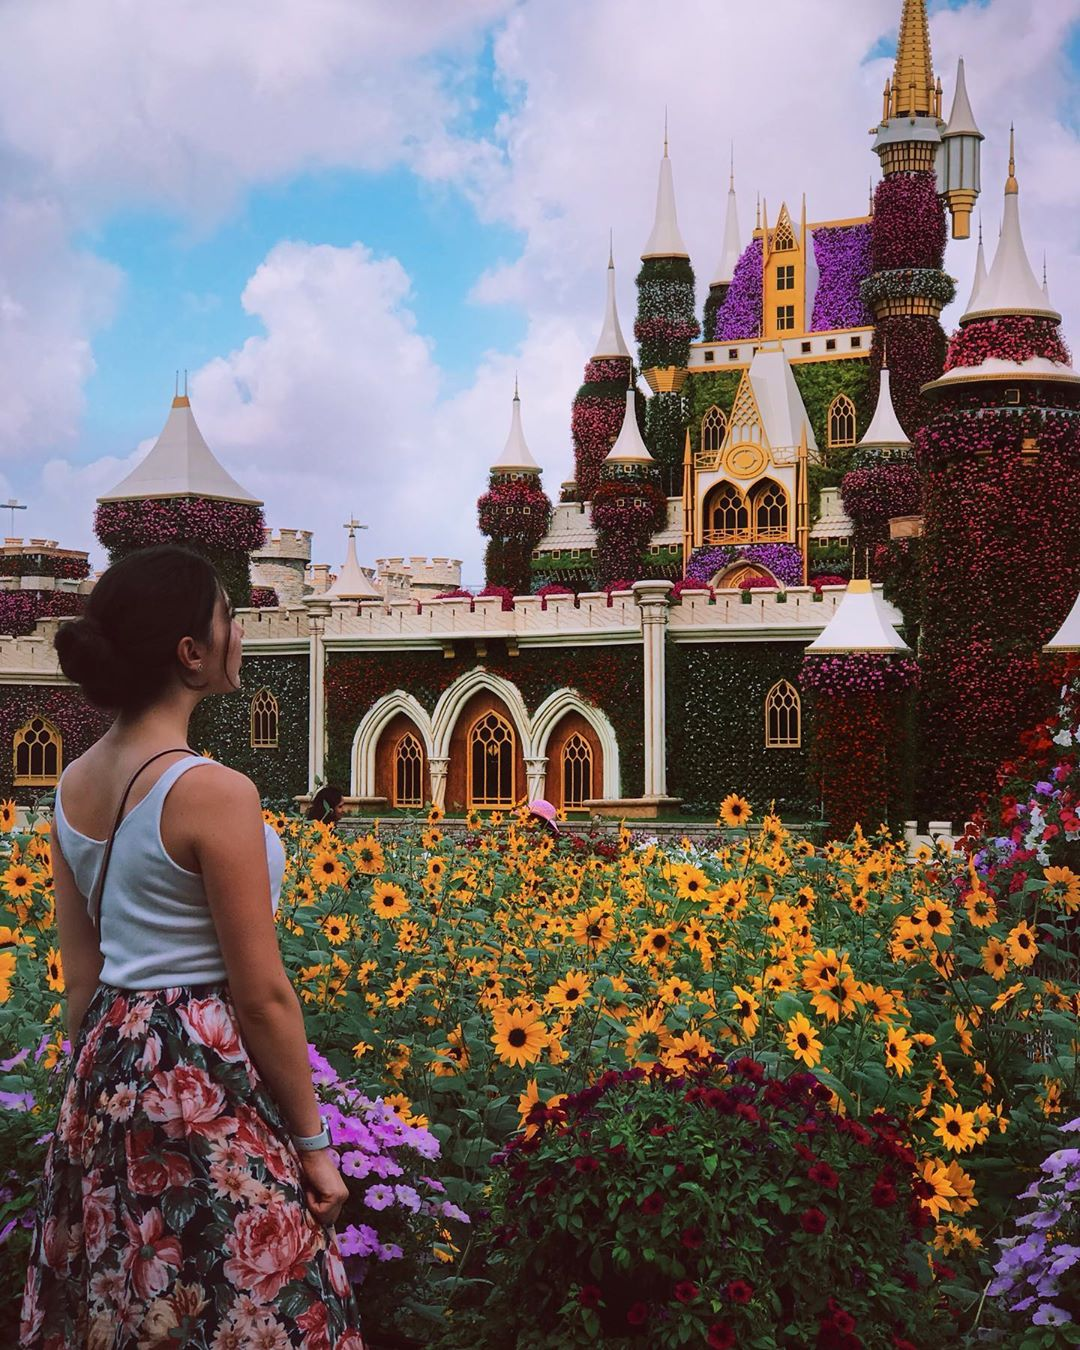 castillo de flores